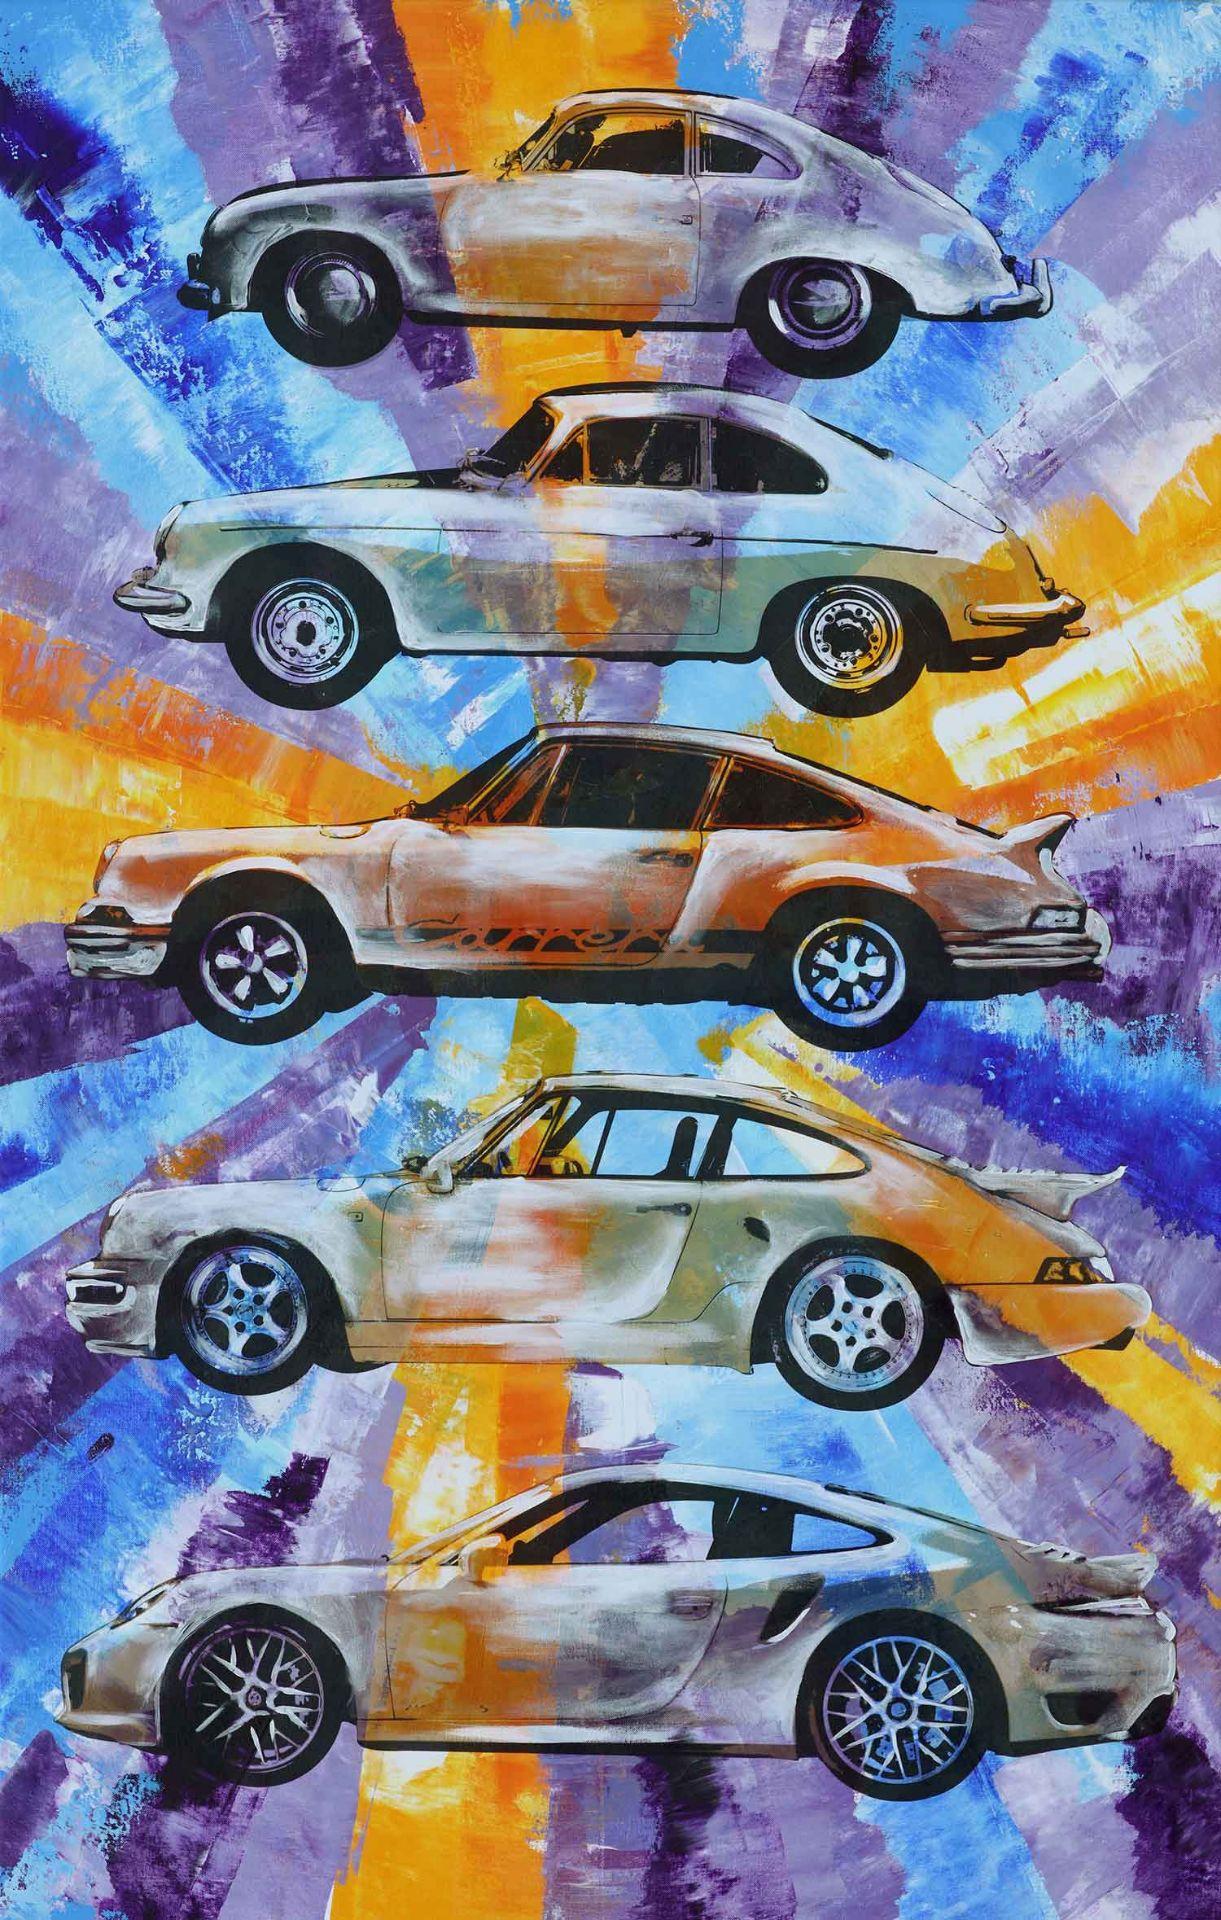 EVOLUTION Galeriepreis / Wert: 3780,00€ Popart-Kunstwerk Format: 90 x 140 cm auf 45 mm